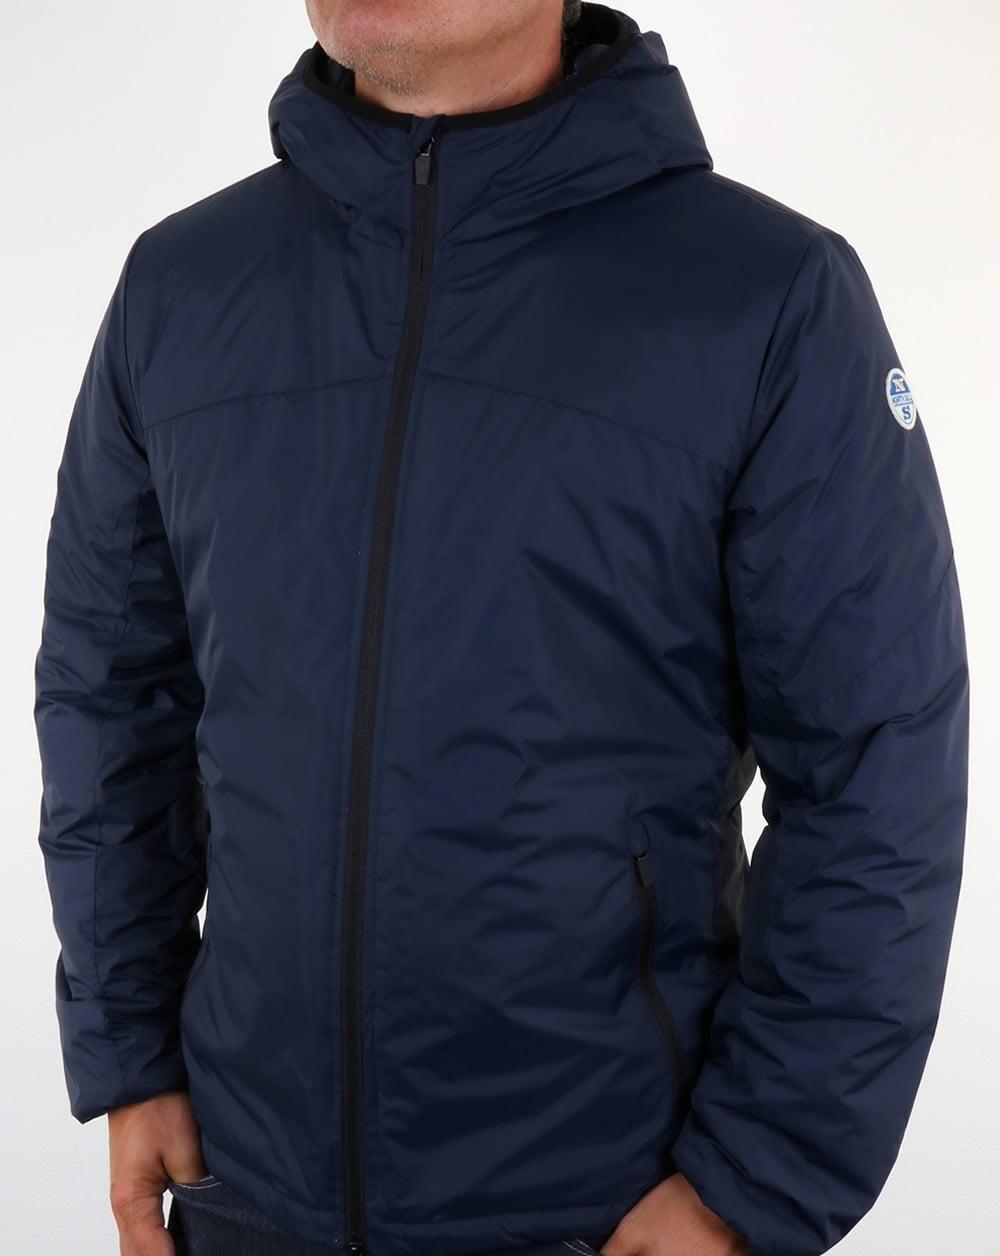 north sails nylon wind runner navy blue jacket coat. Black Bedroom Furniture Sets. Home Design Ideas